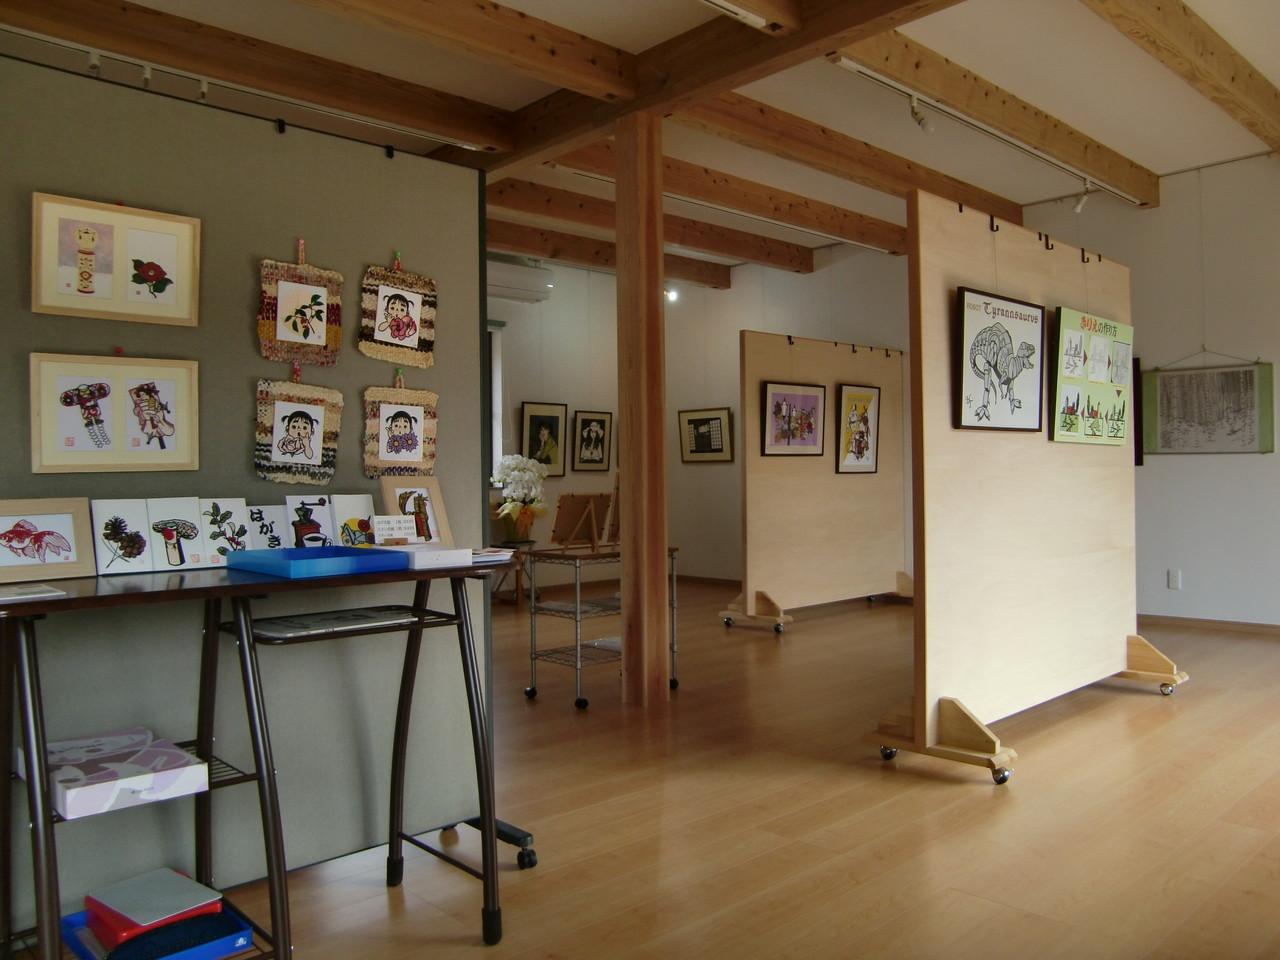 ギャラリーの展示スペース